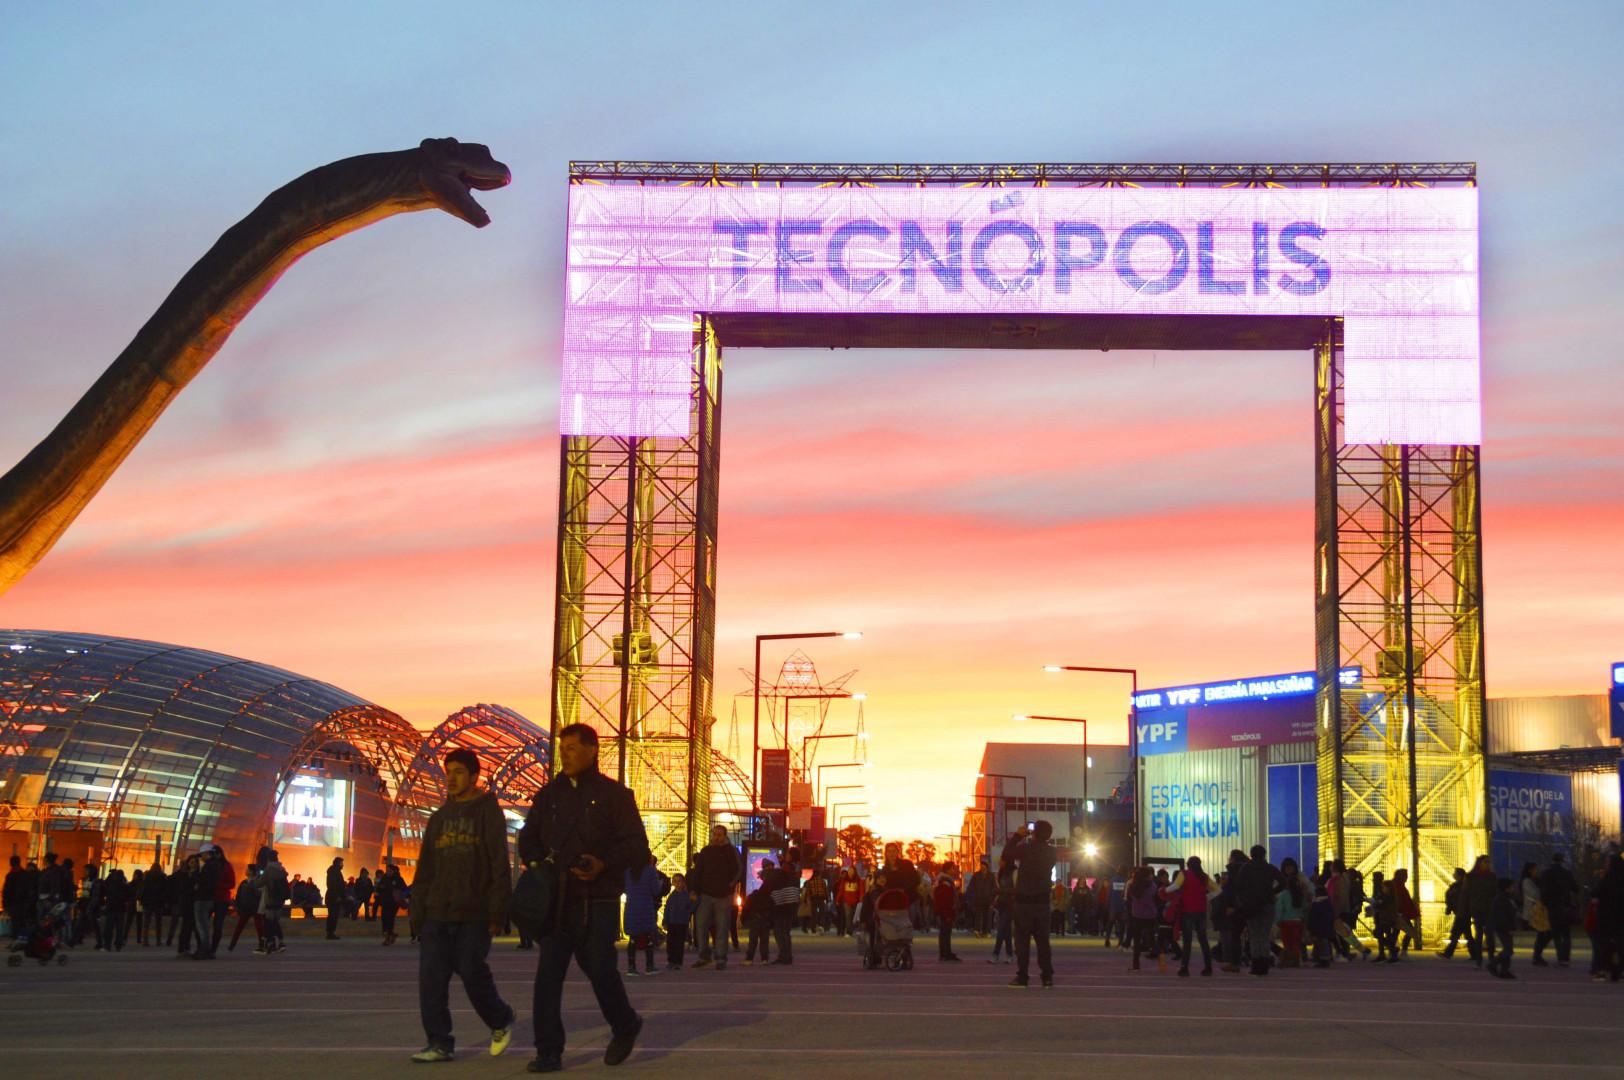 Tecnópolis: Chubut se muestra en el parque temático más grande de Latinoamérica